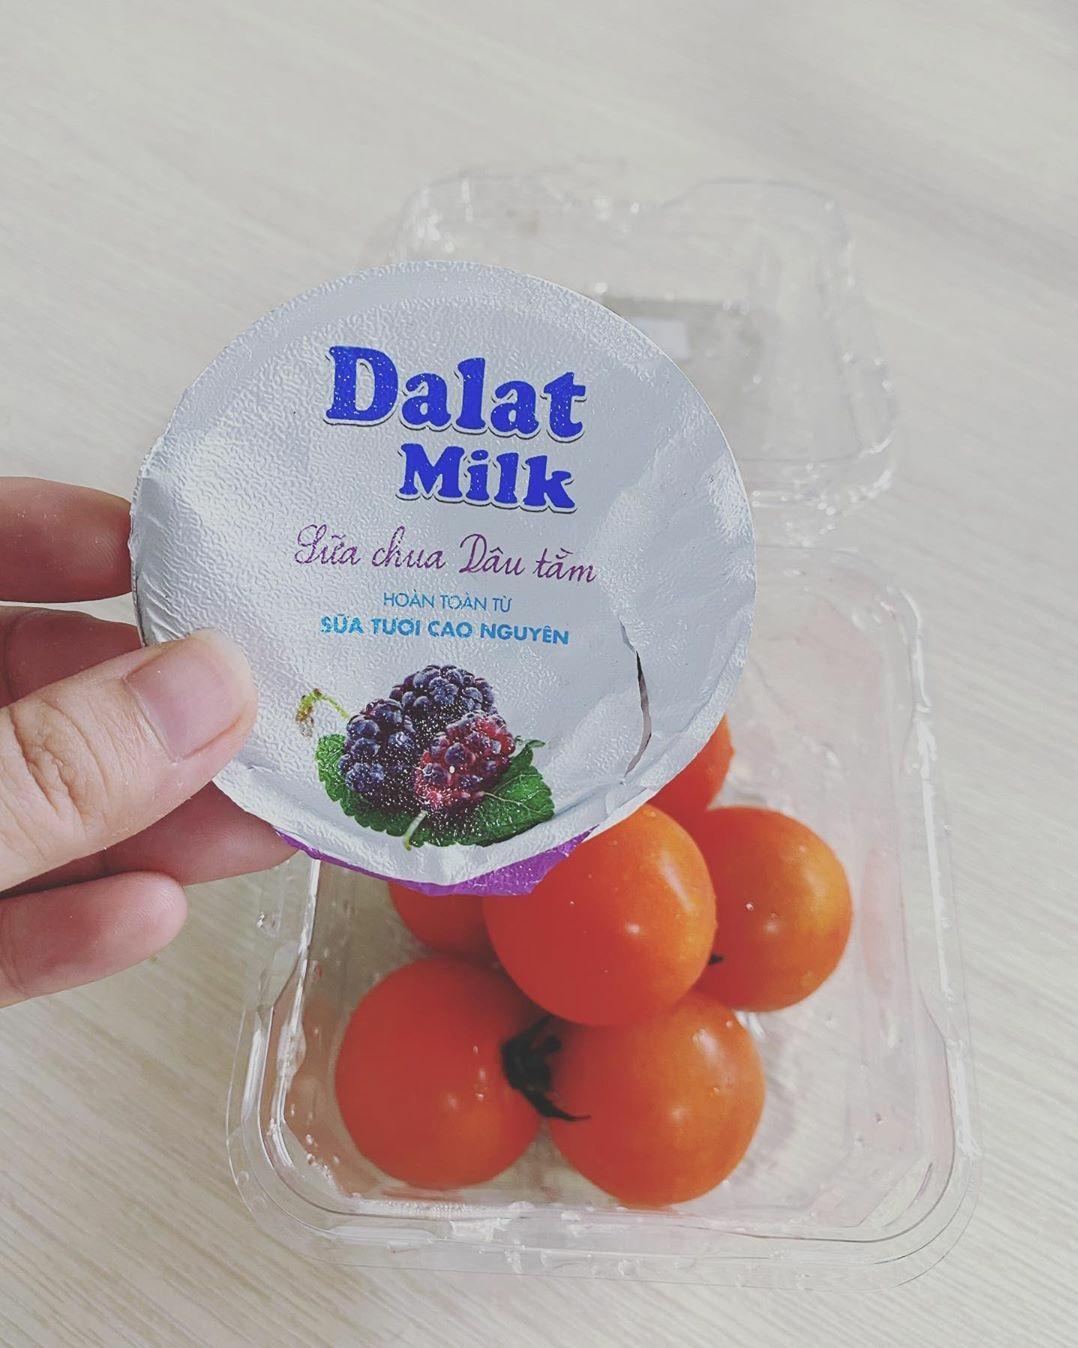 Chán ăn sữa chua vị truyền thống, chị em rỉ tai nhau mấy loại sữa chua hoa quả cực ngon mà dễ mua ngoài siêu thị này - Ảnh 6.